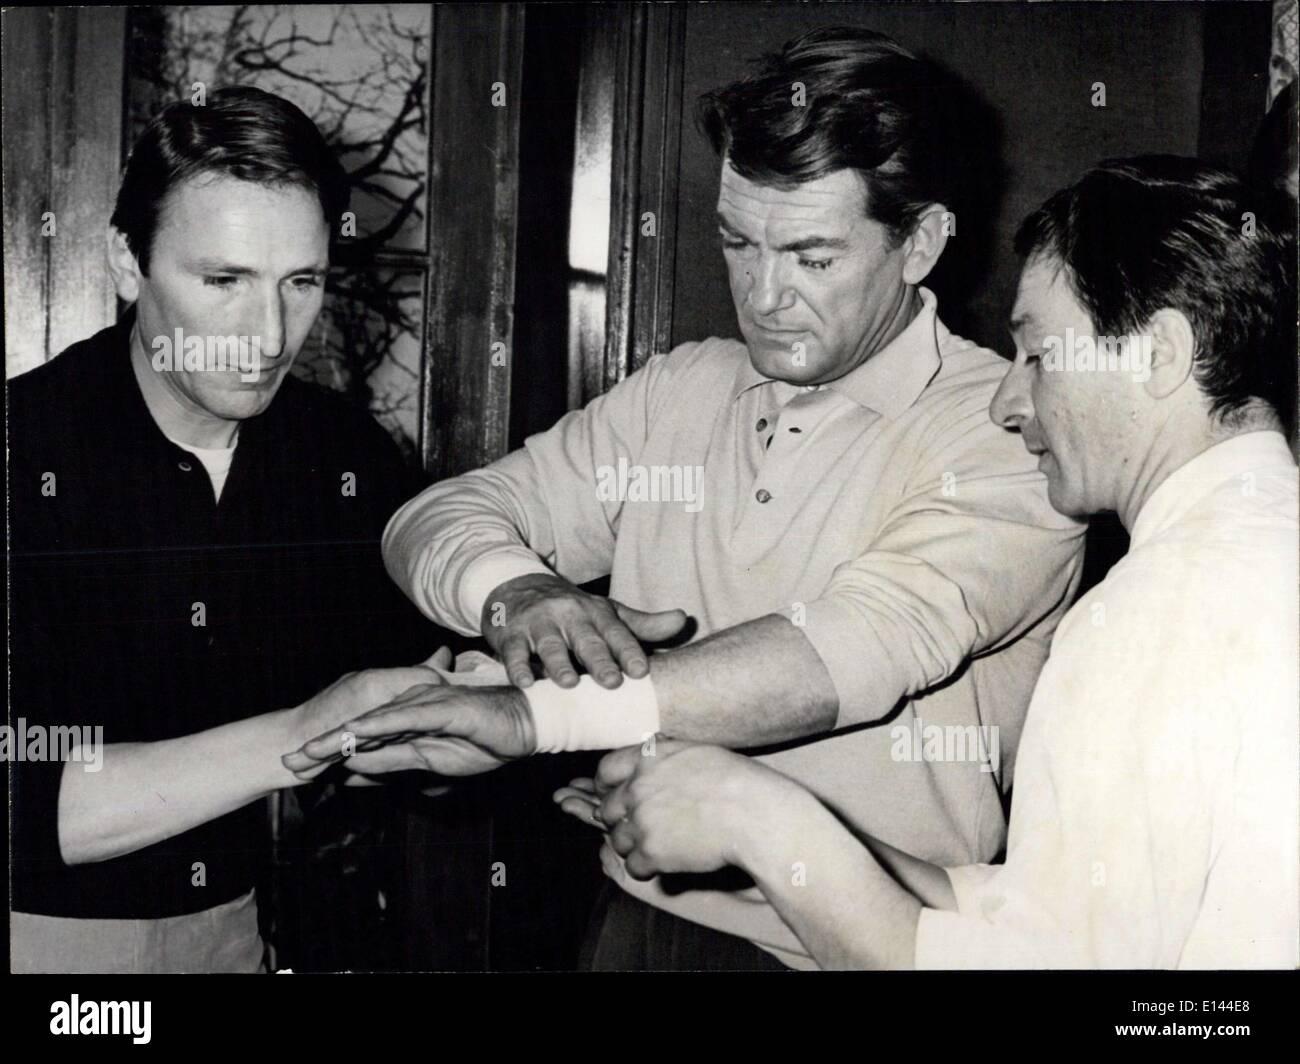 Apr. 04, 2012 - Jean Marais: polsi ancora bendata ââ'¬â€oe Jean Marais, il sen famoso attore che ha ferito suo Foto Stock